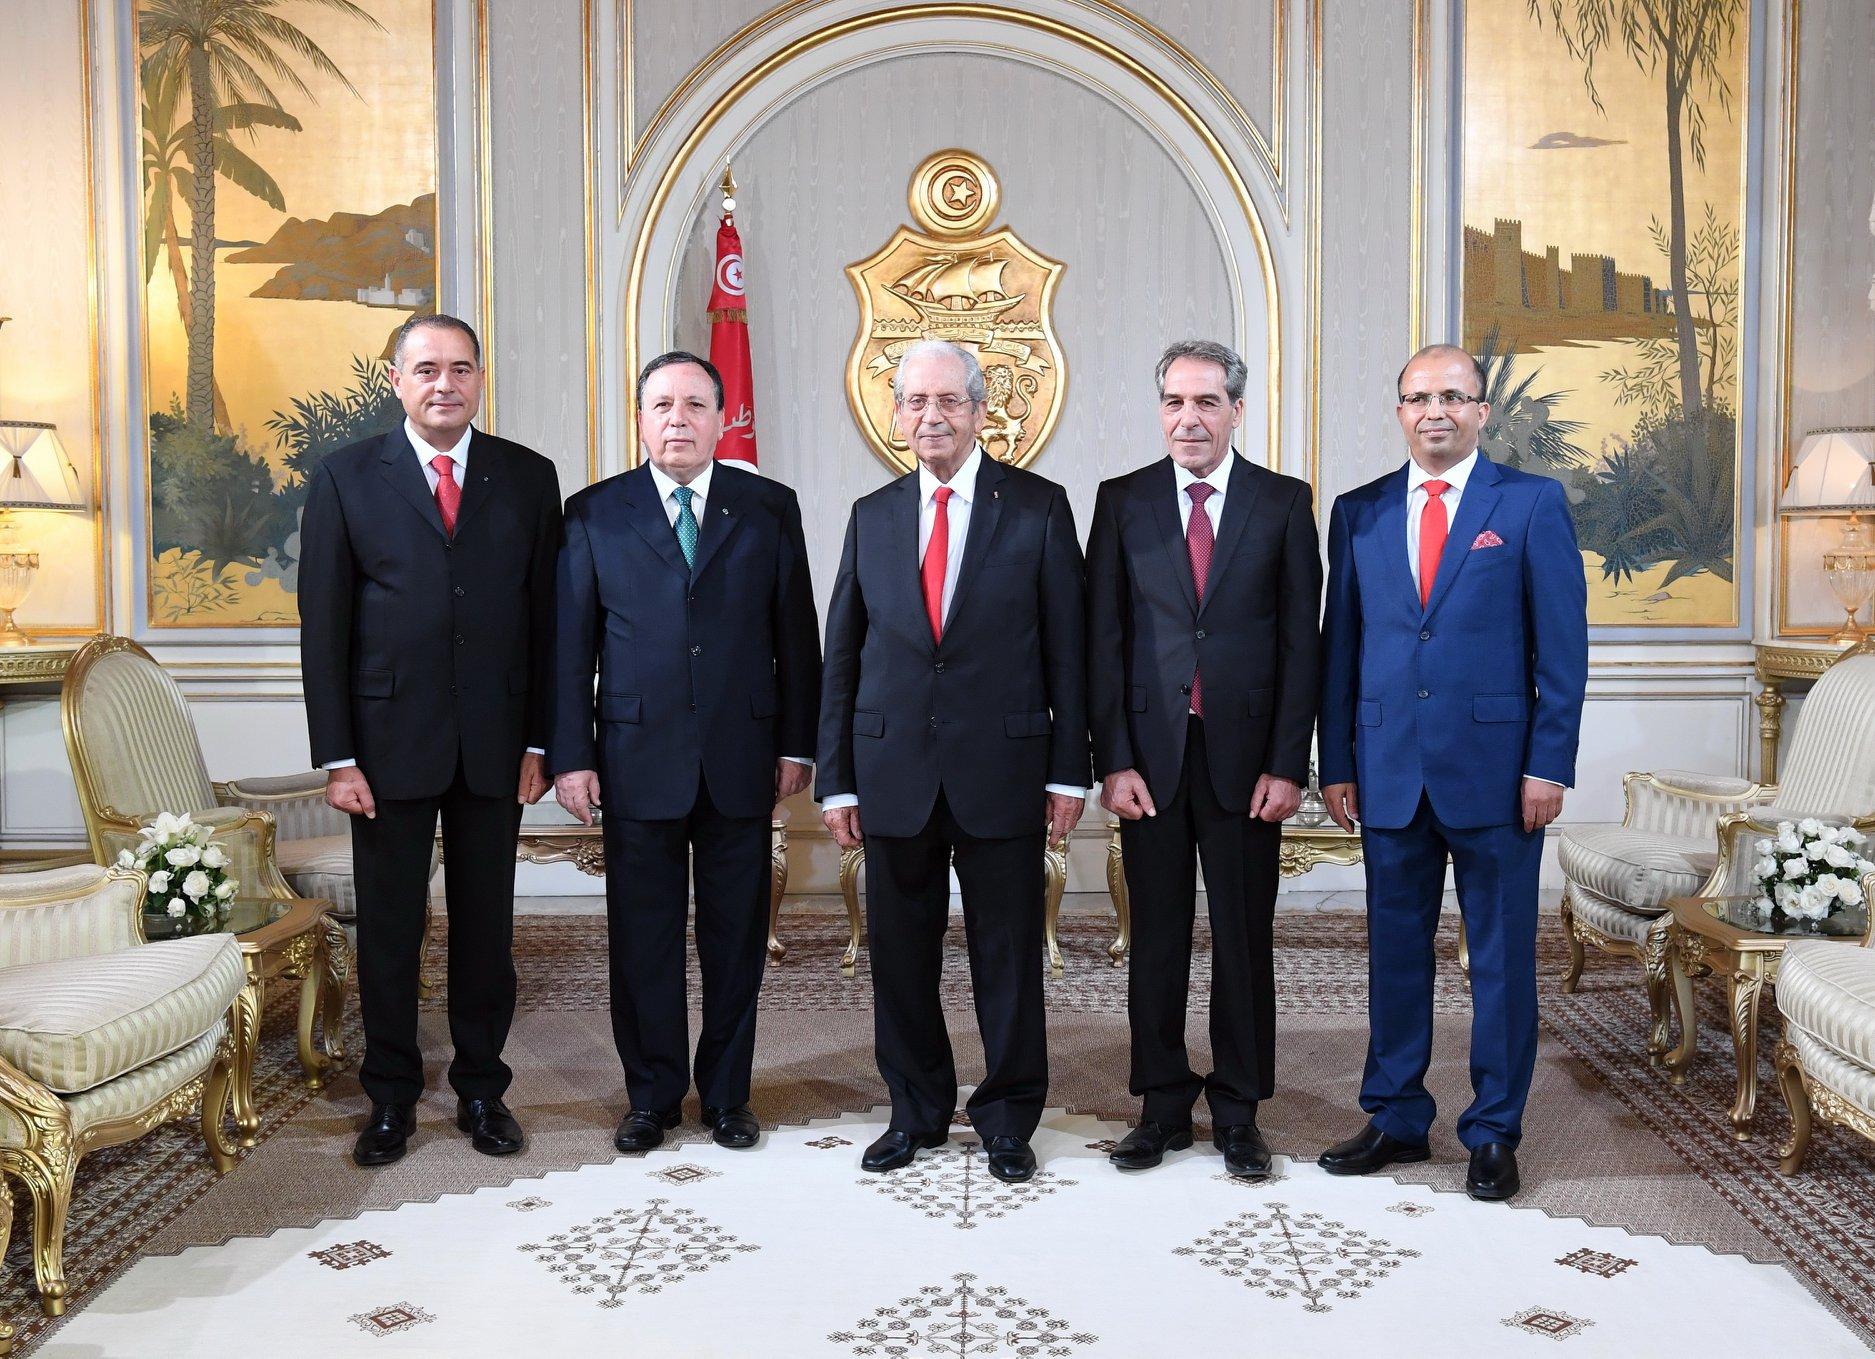 رئيس الجمهورية يتسلّم أوراق اعتماد 3 سفراء جدد بتونس